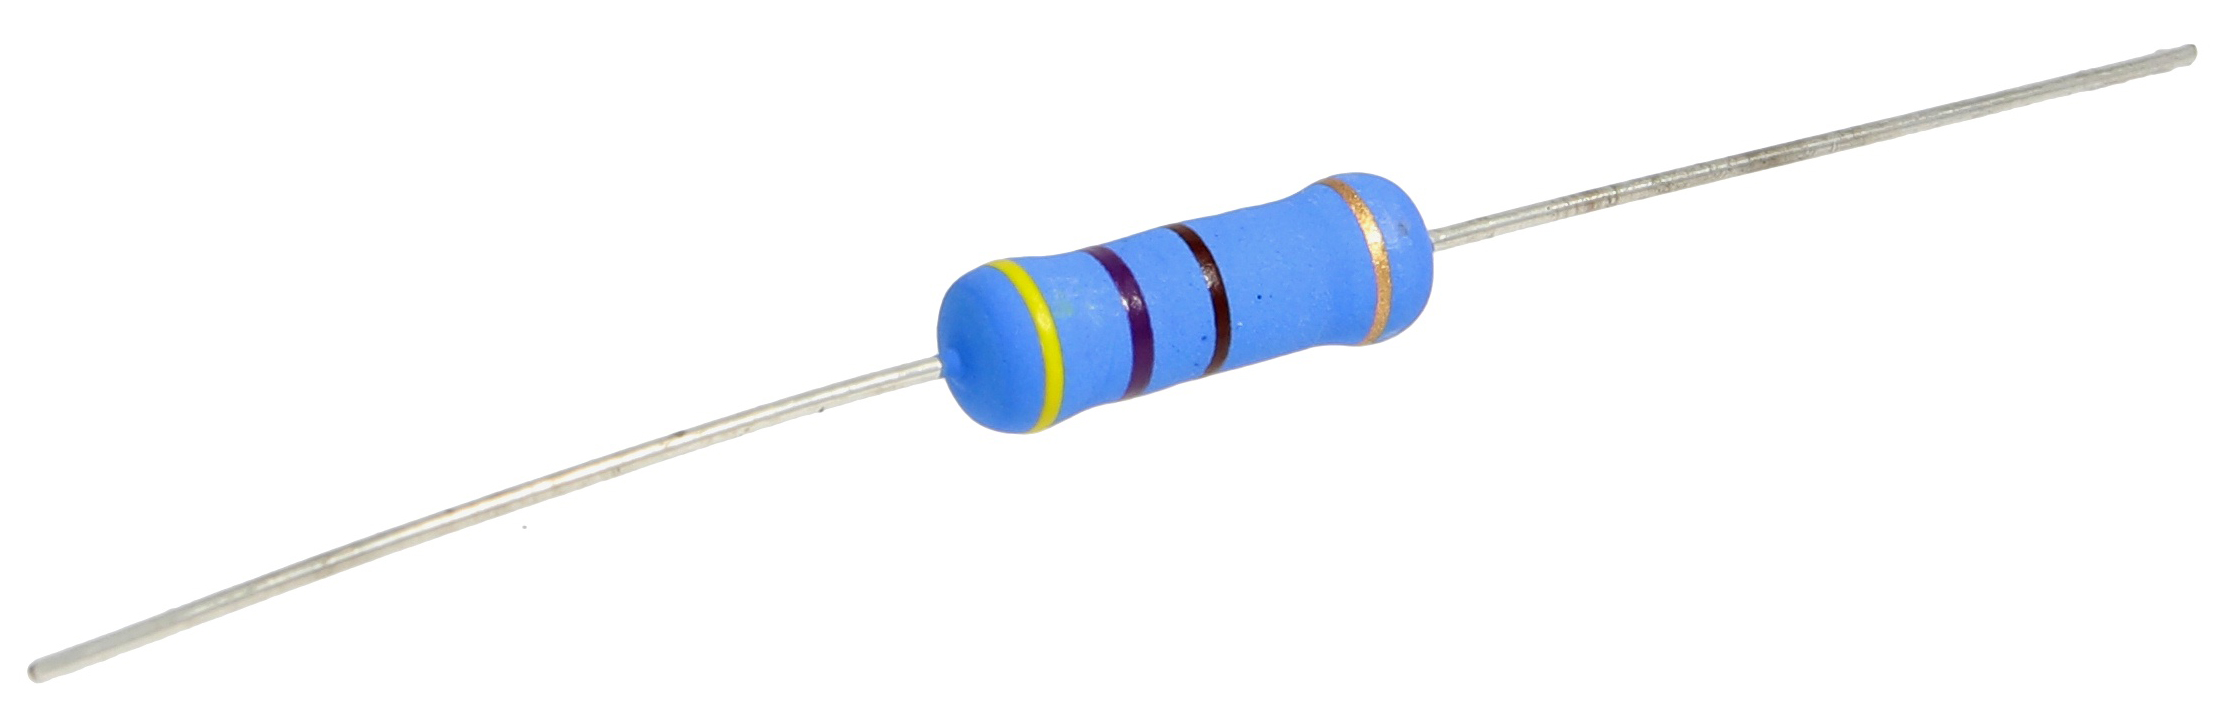 Metal Film Resistor 3W